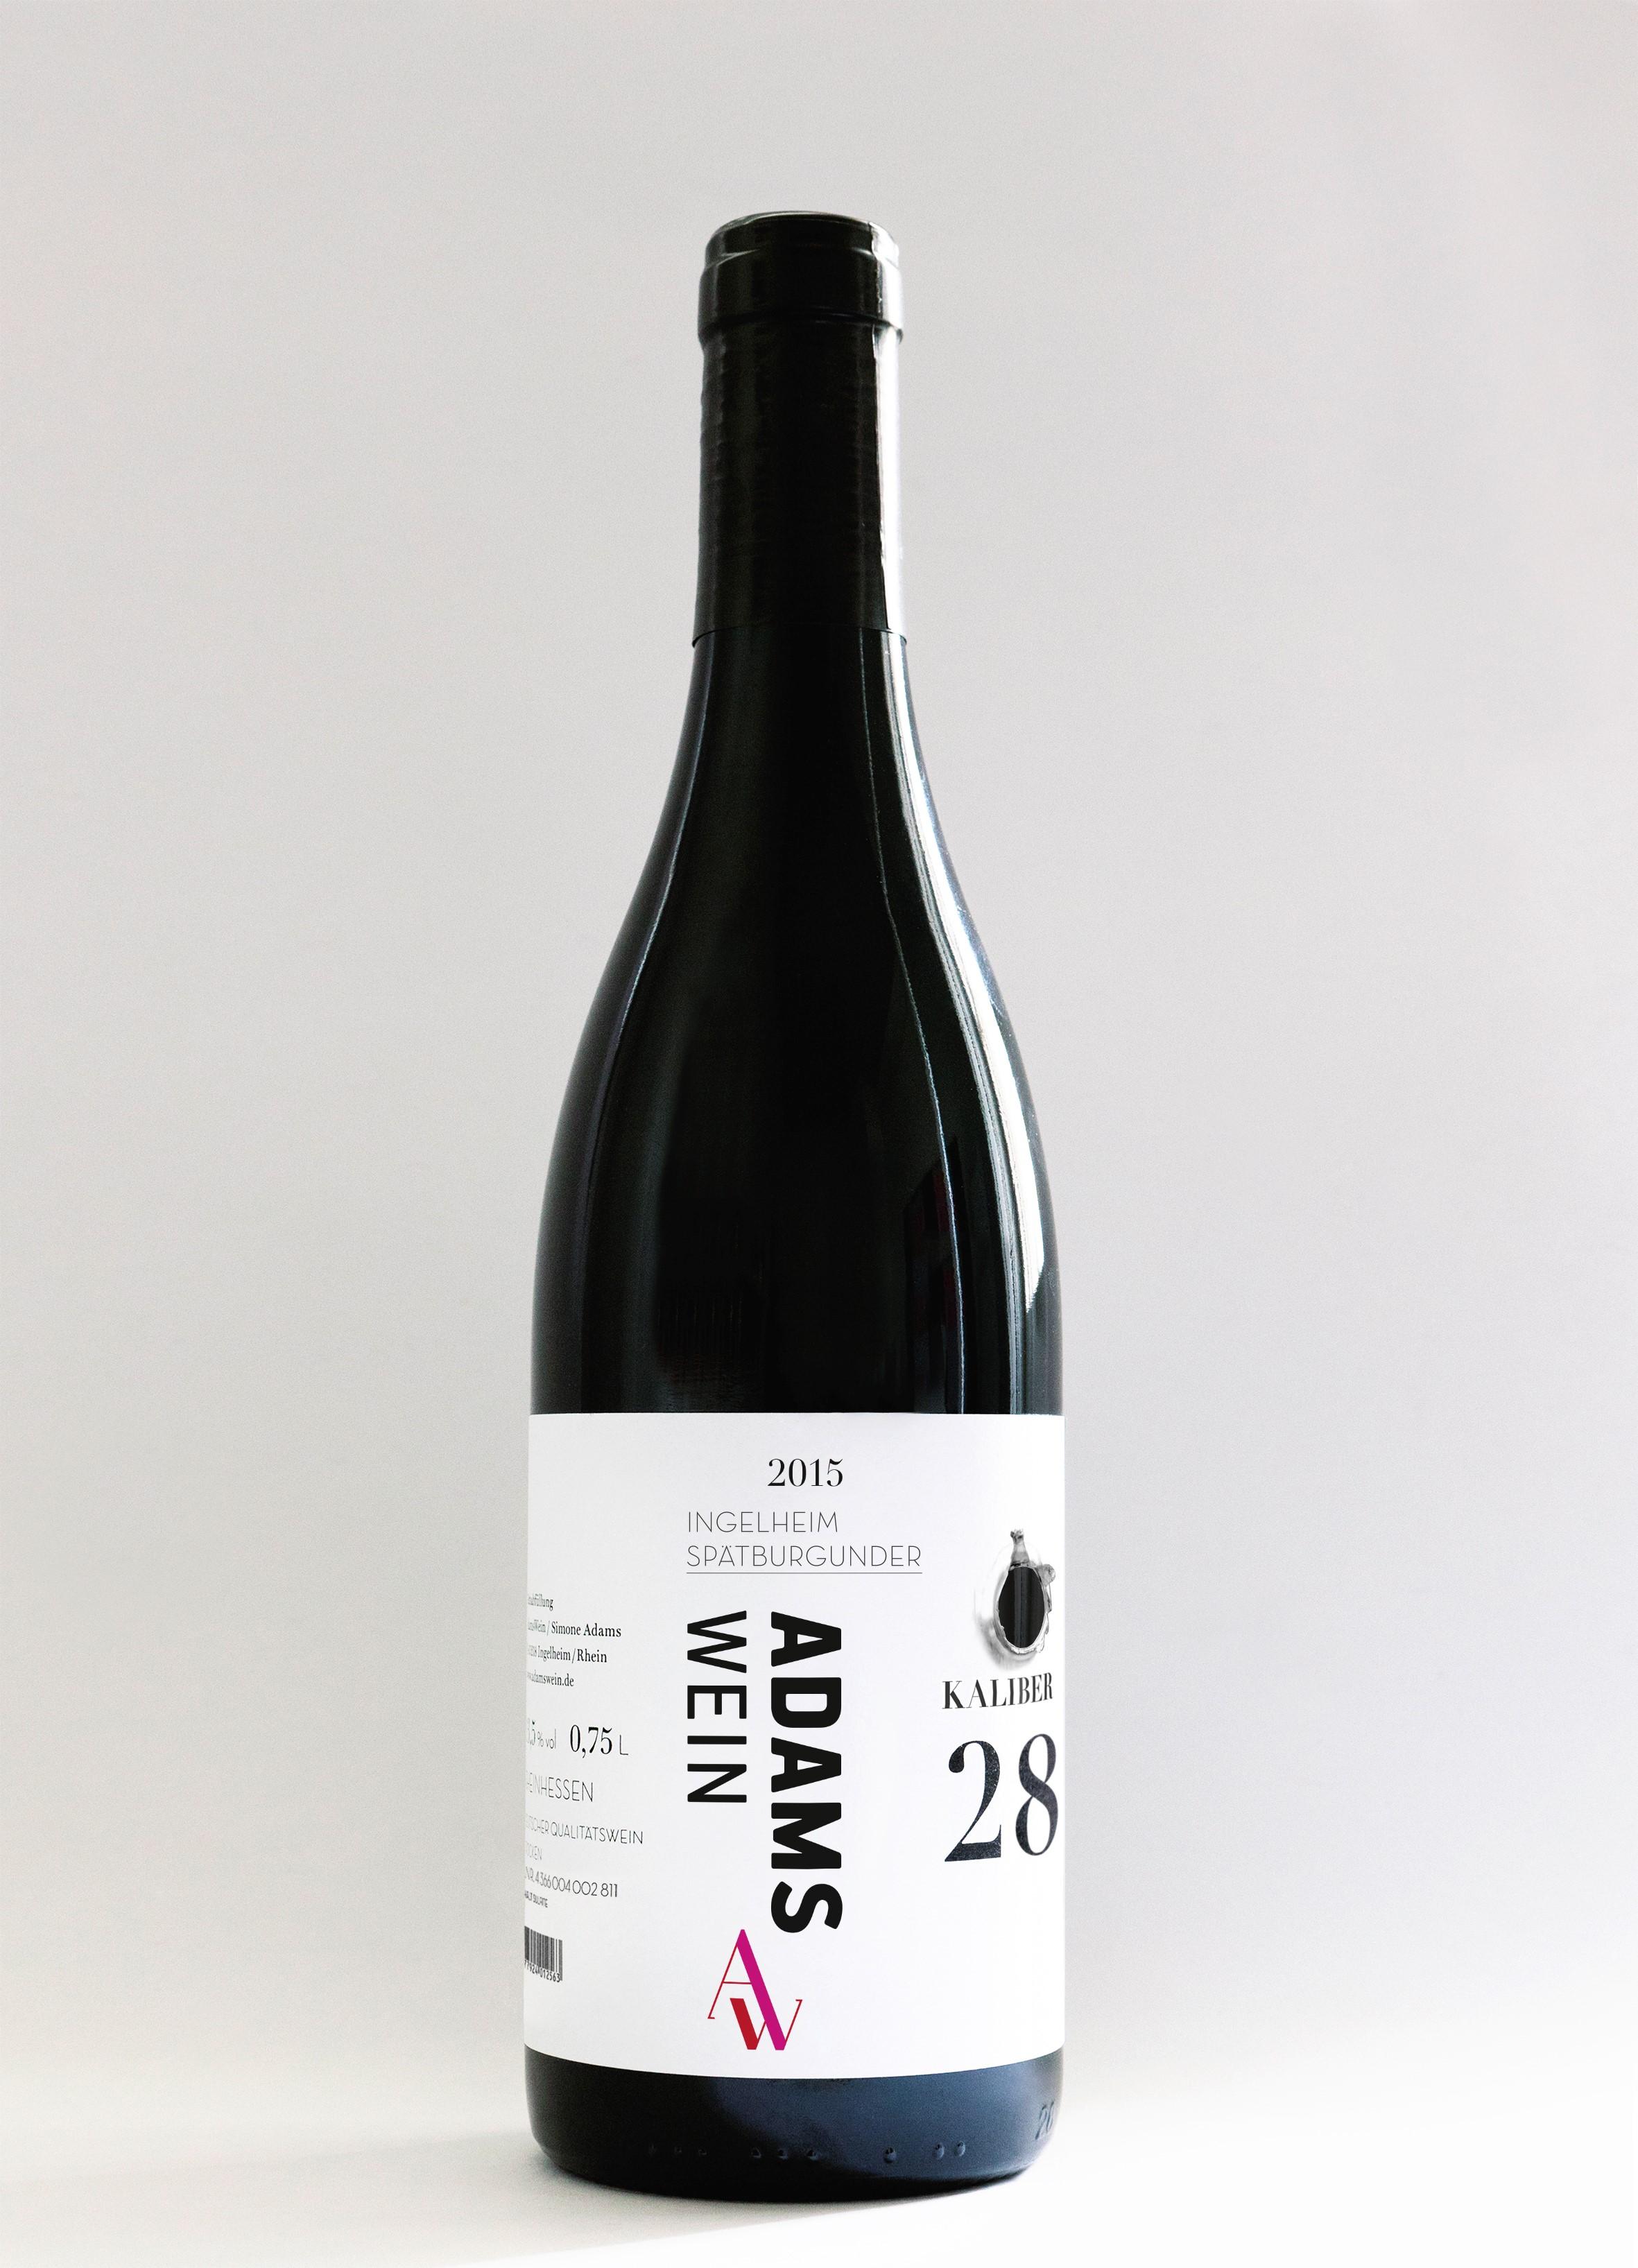 ADAMS-Wein   Kaliber 28 - Spätburgunder Ingelheim